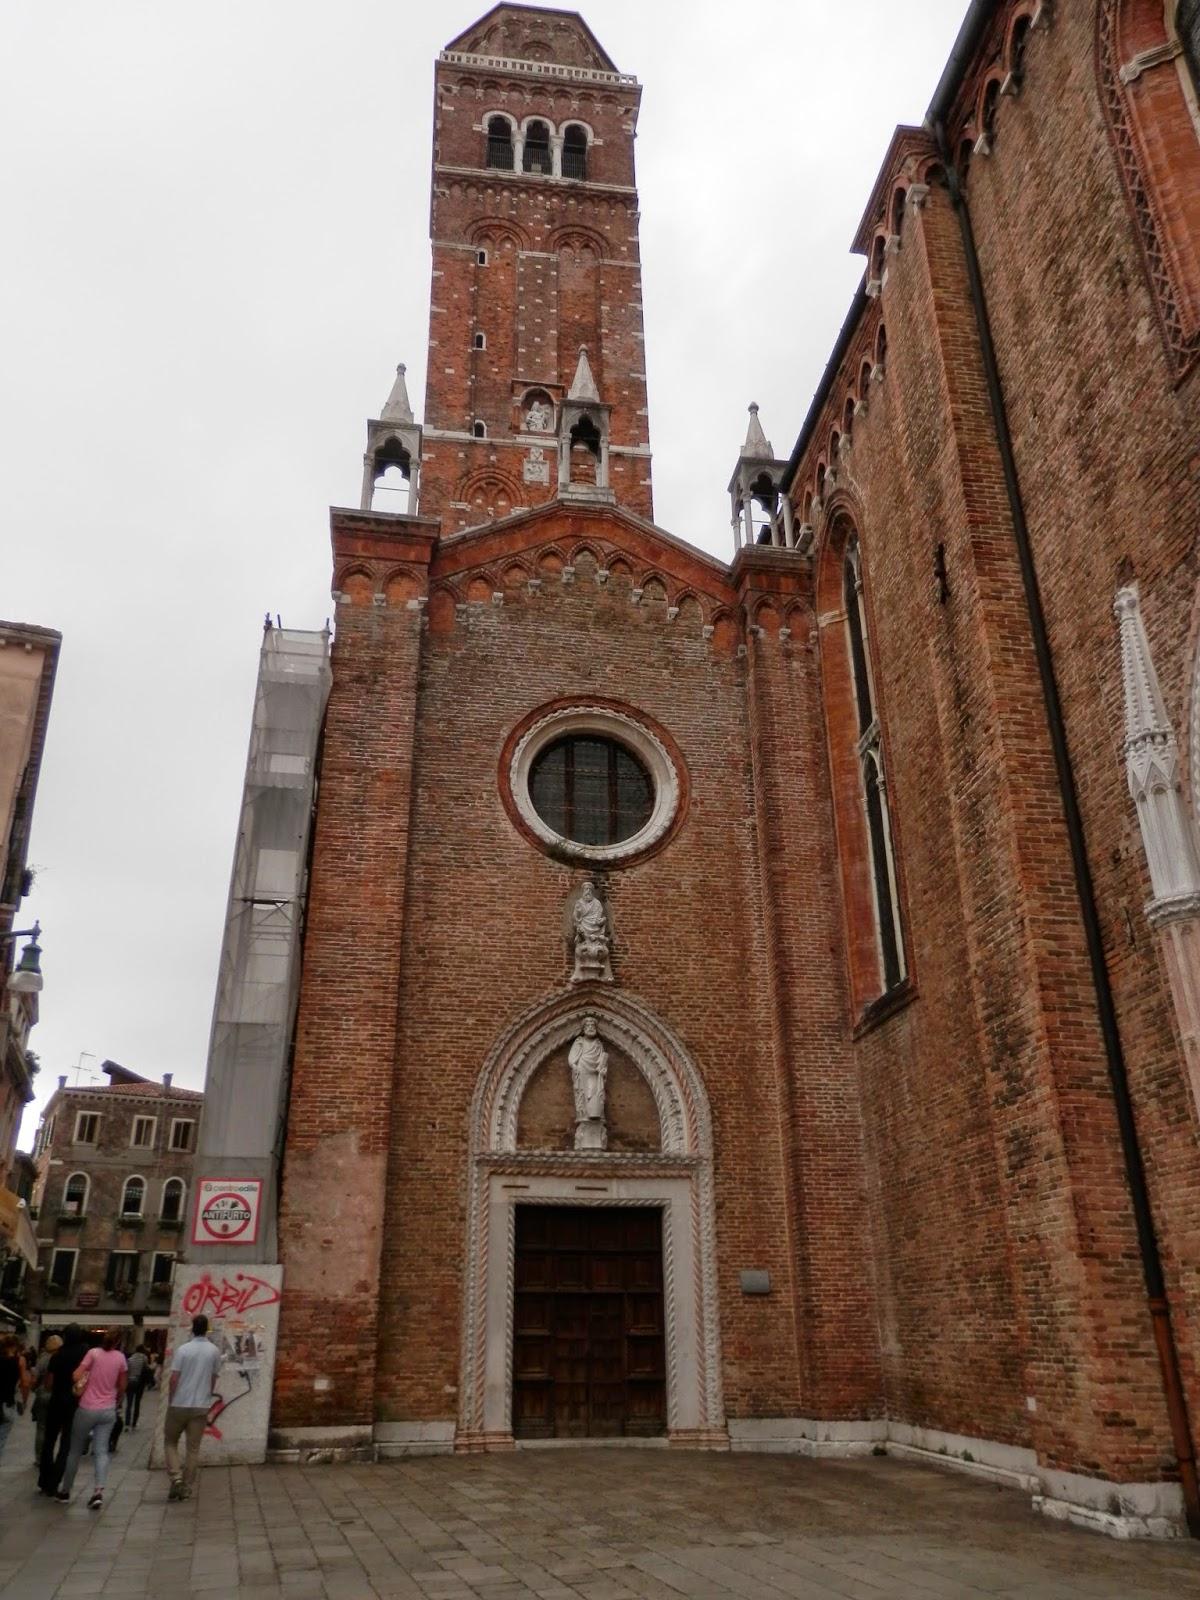 Basílica de Santa María Gloriosa die Frari Venecia